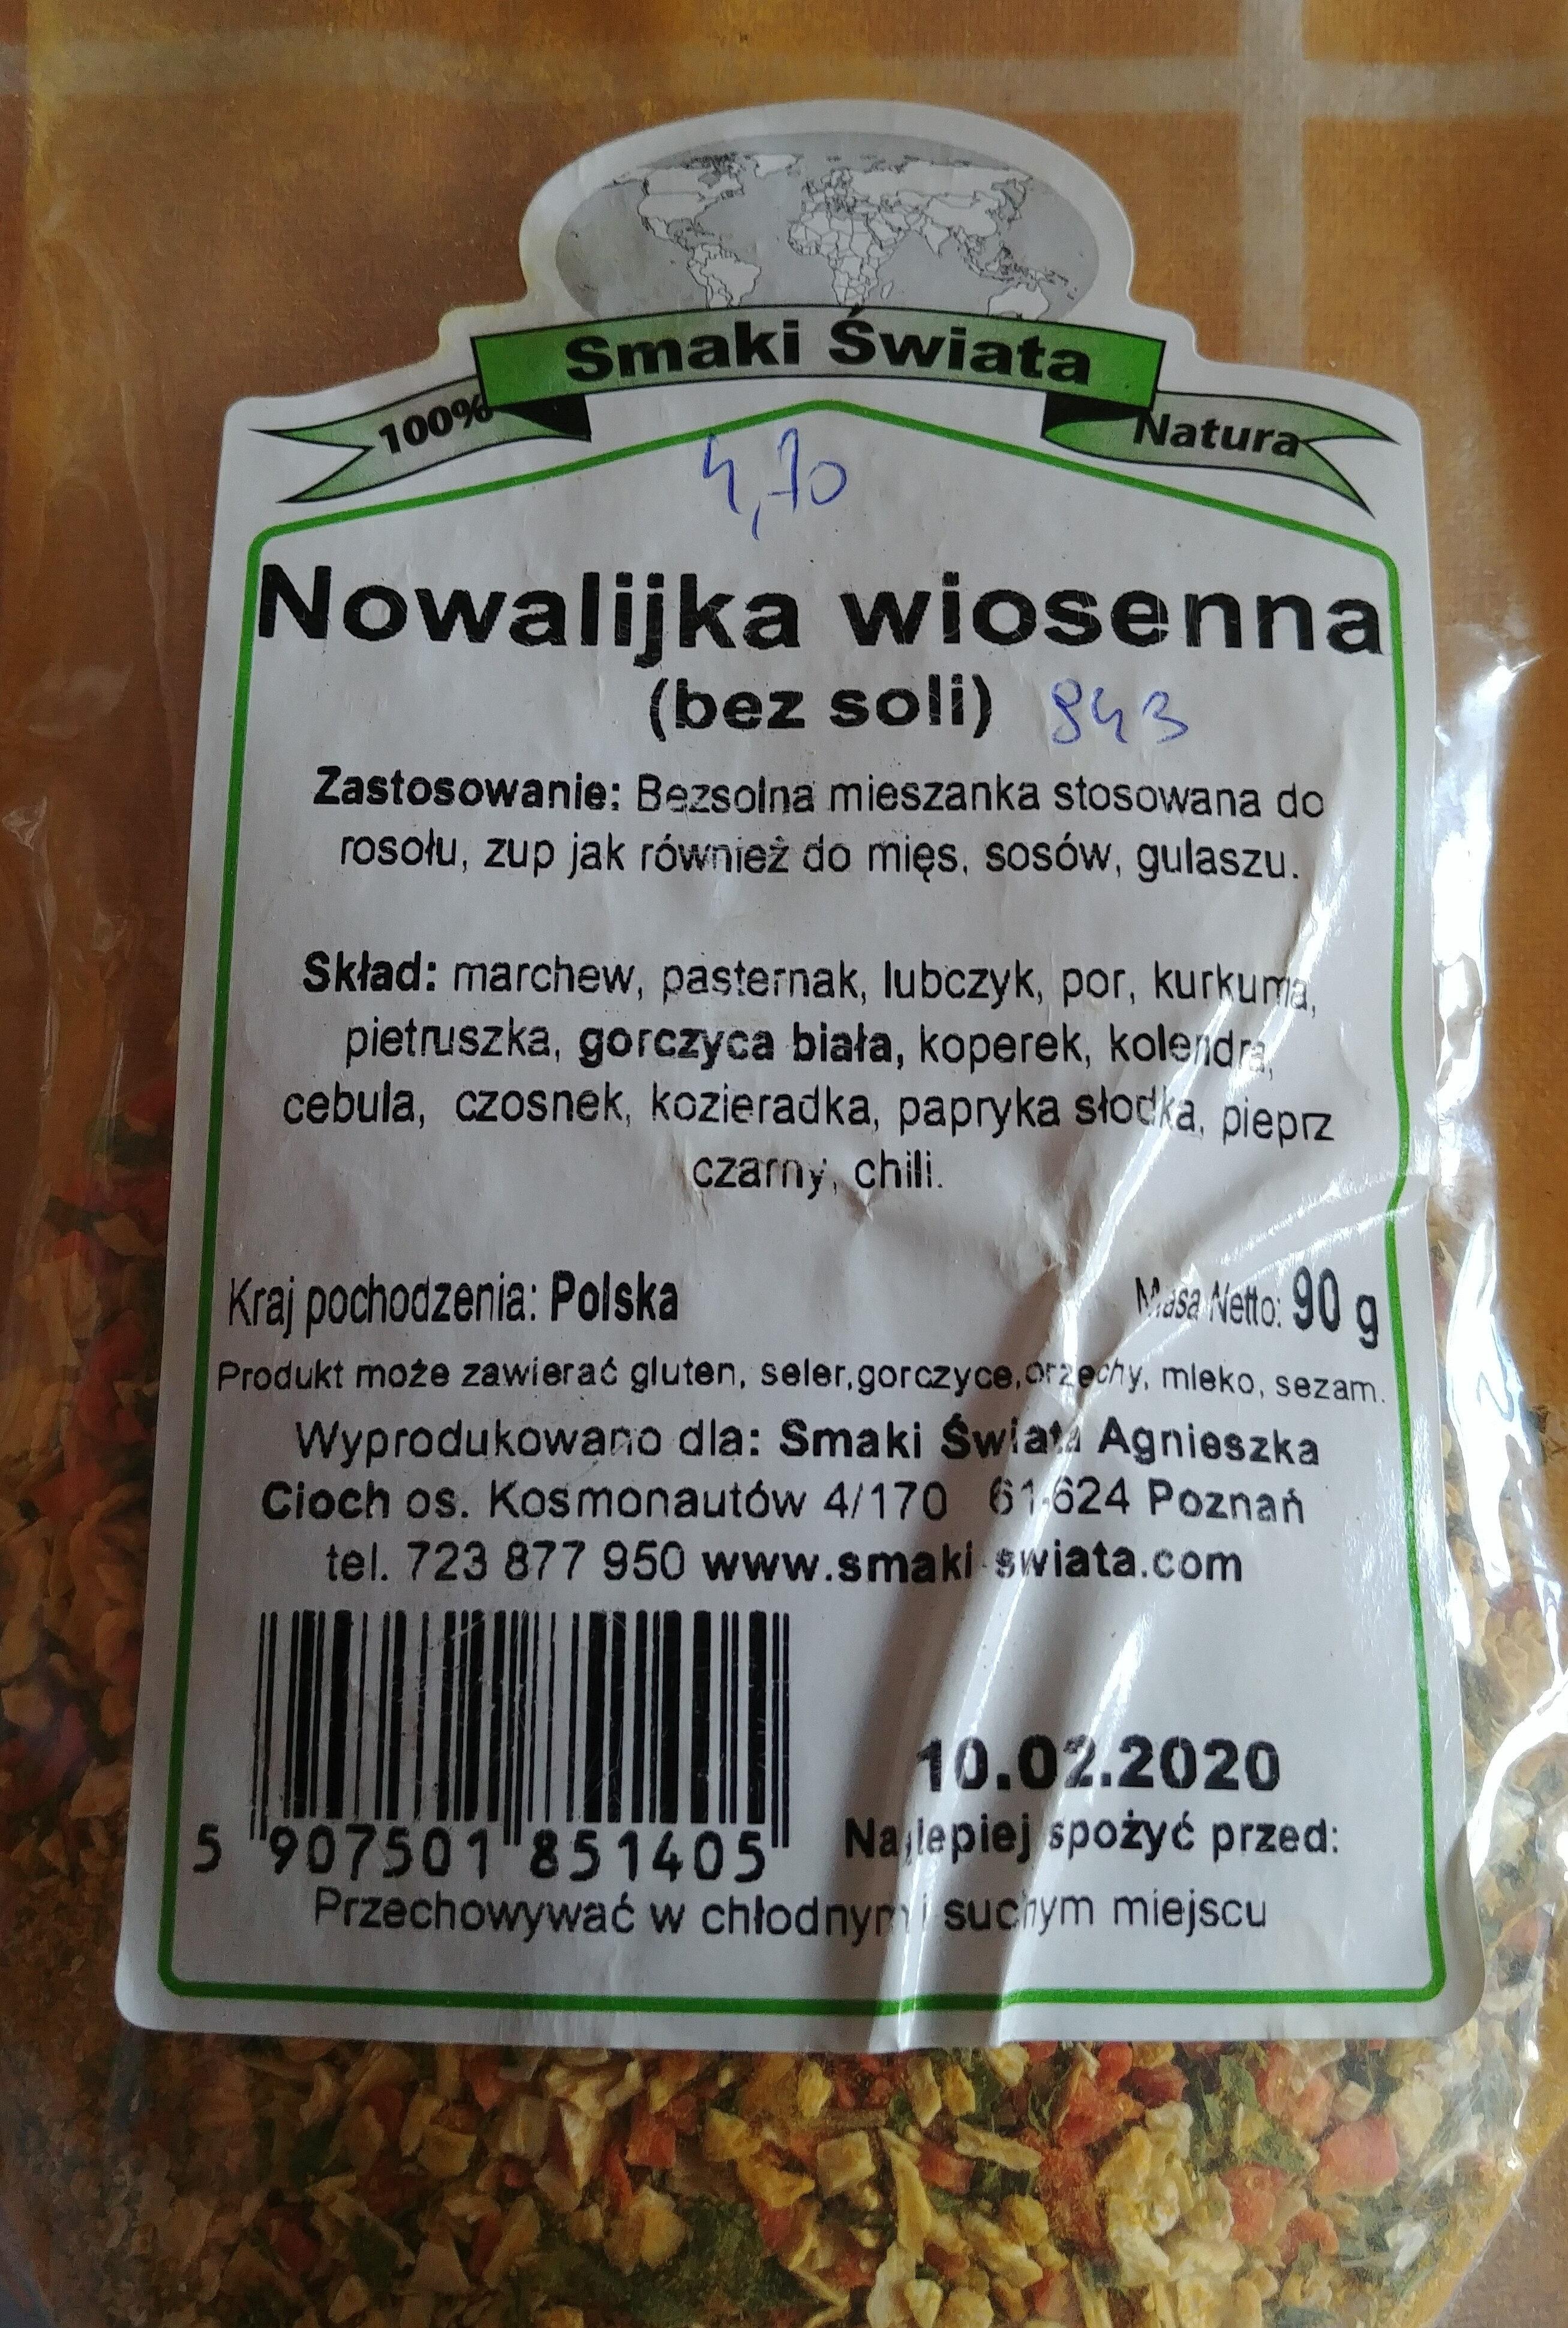 Nowalijka wiosenna (bez soli) - Produkt - pl